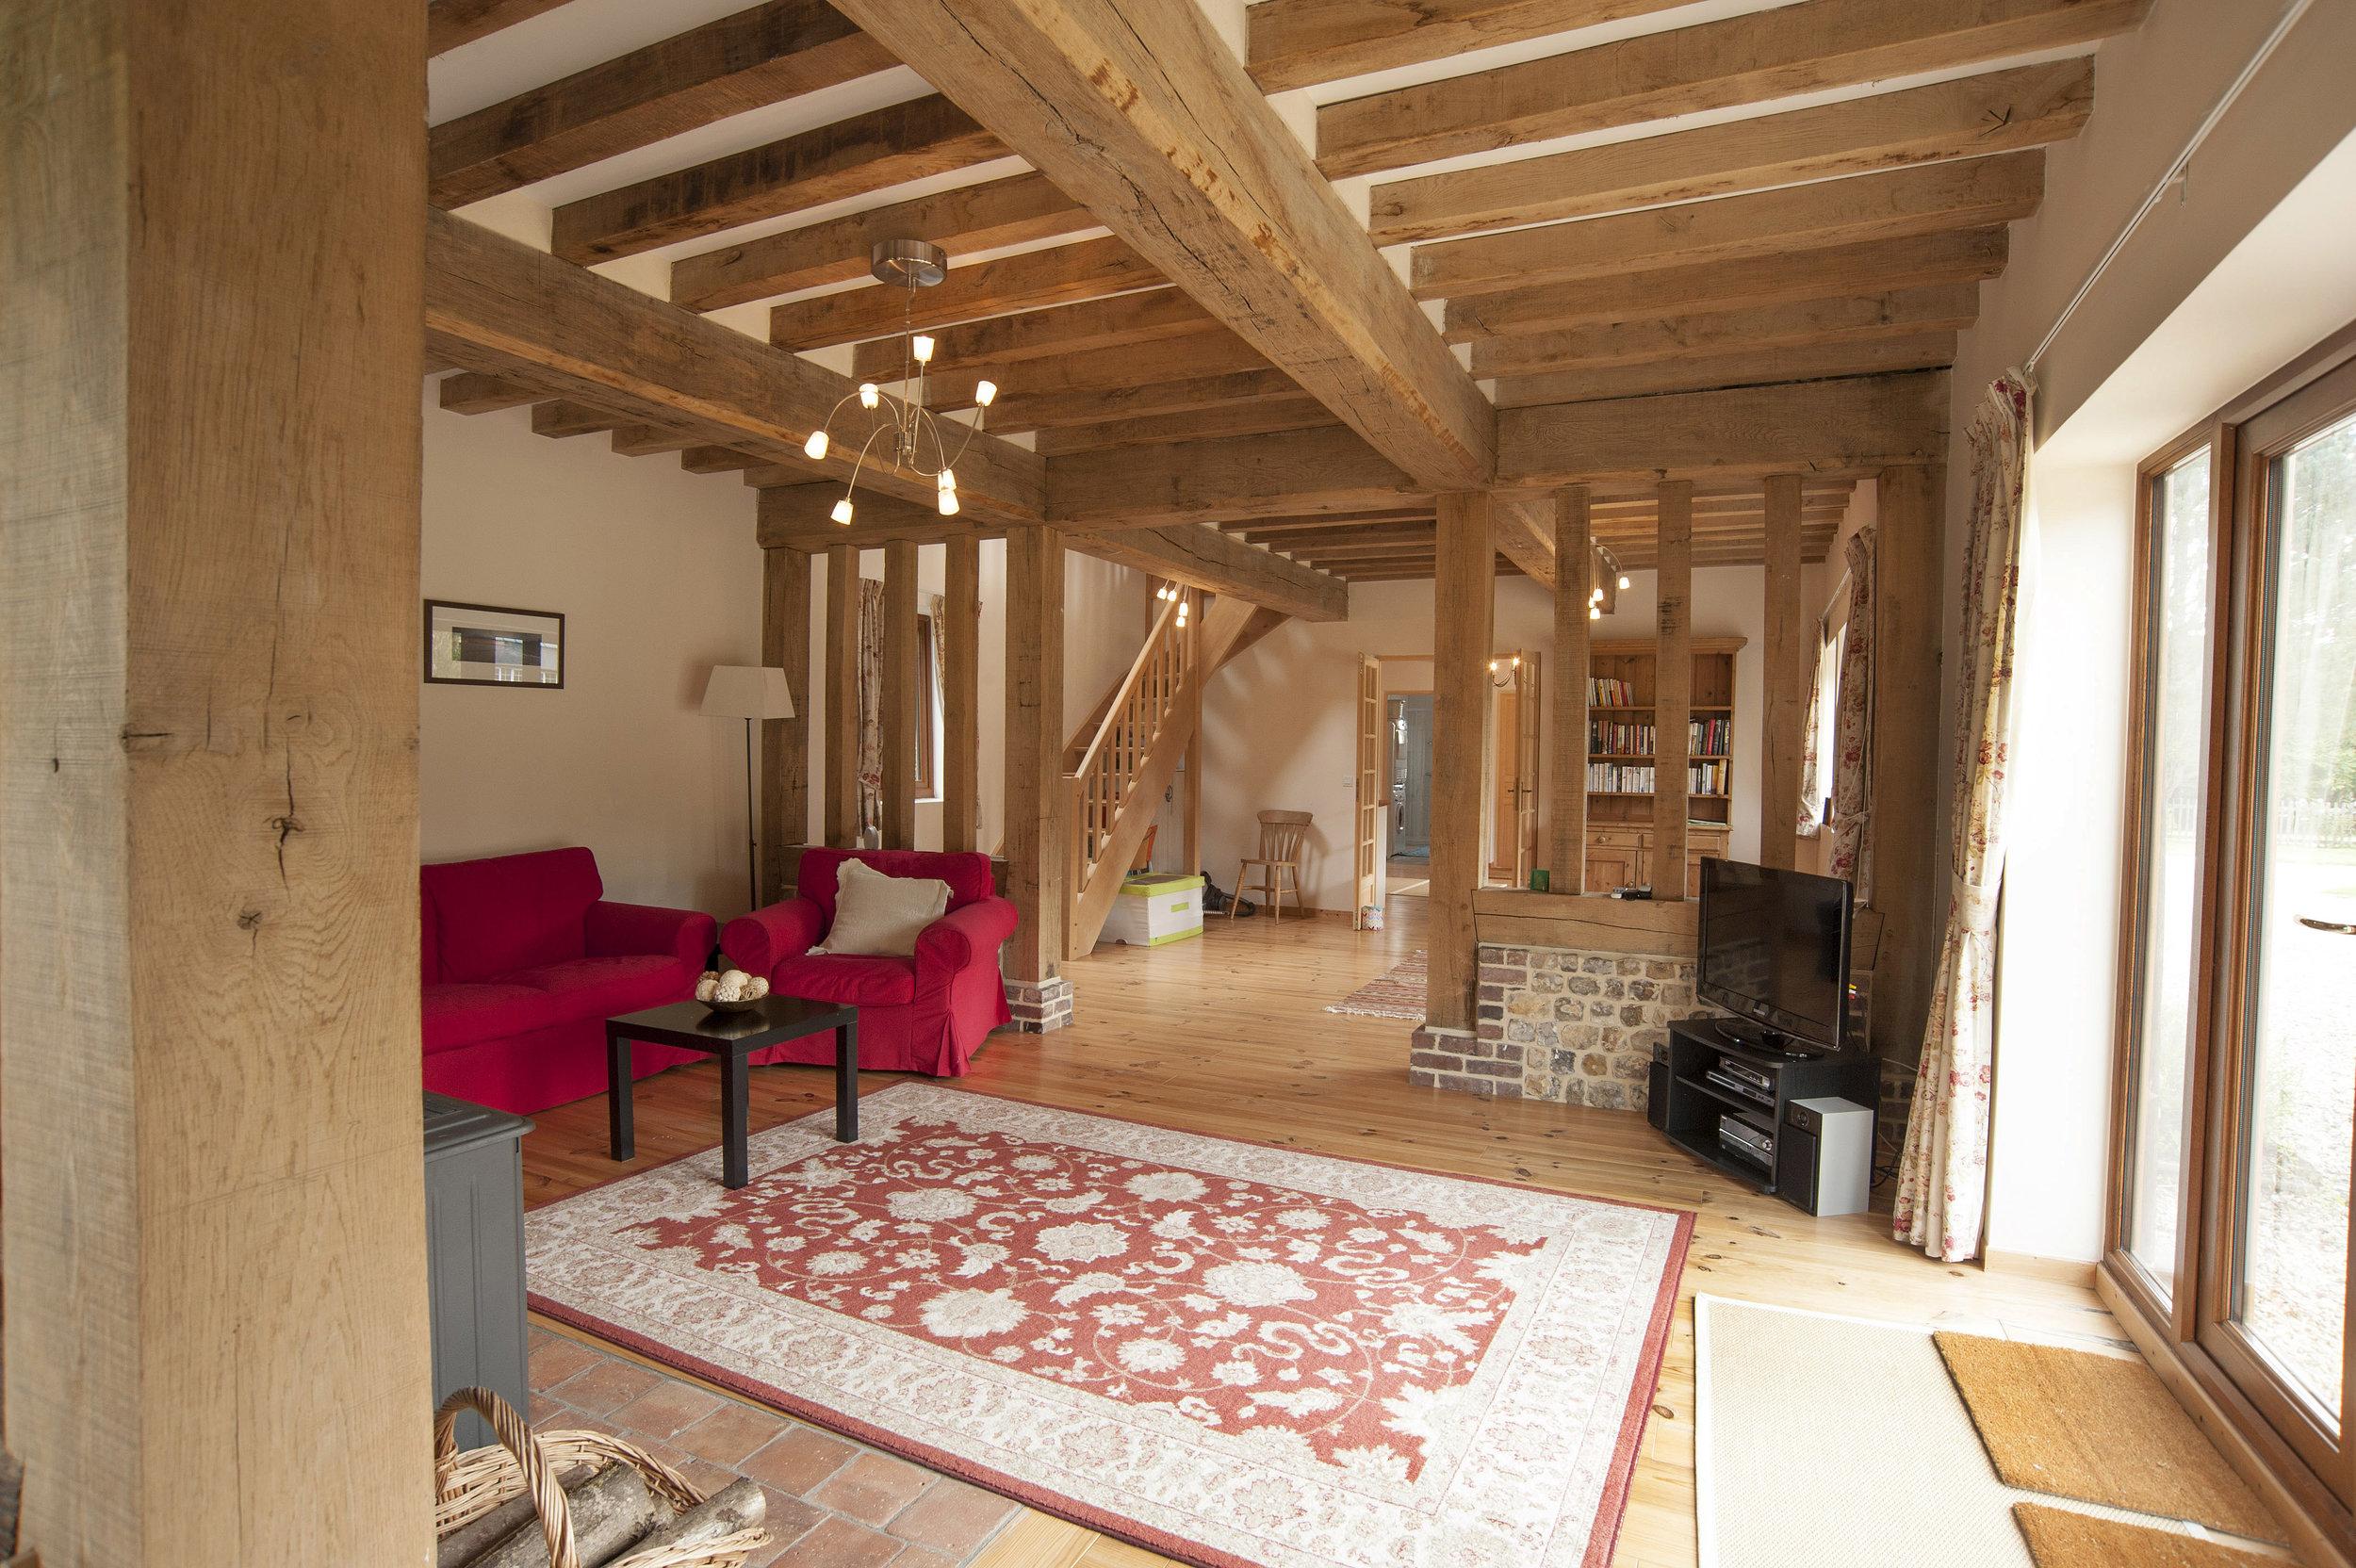 livingroom5568.jpg